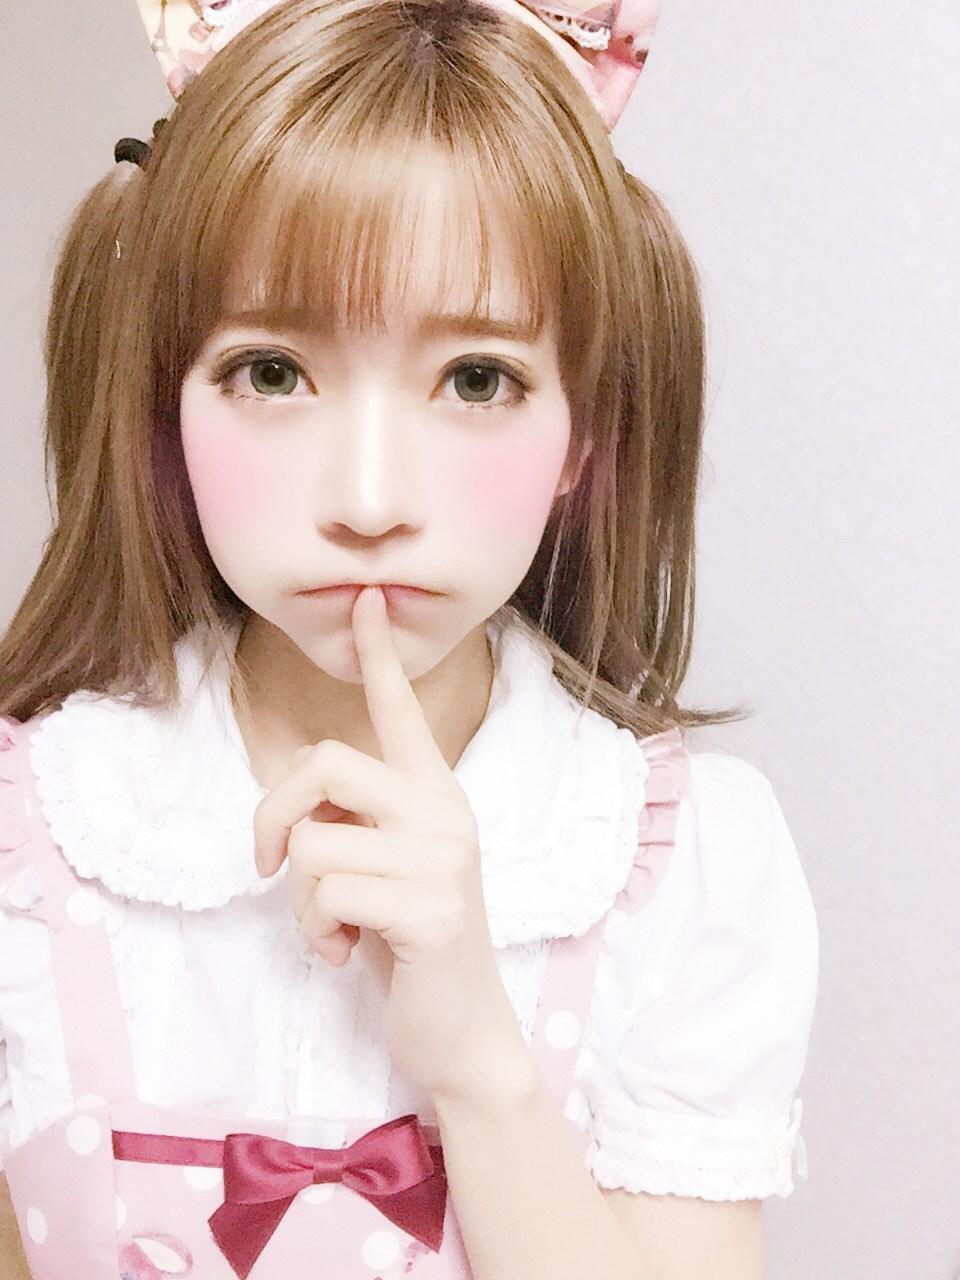 【兔玩映画】Yurisa 兔玩映画 第111张